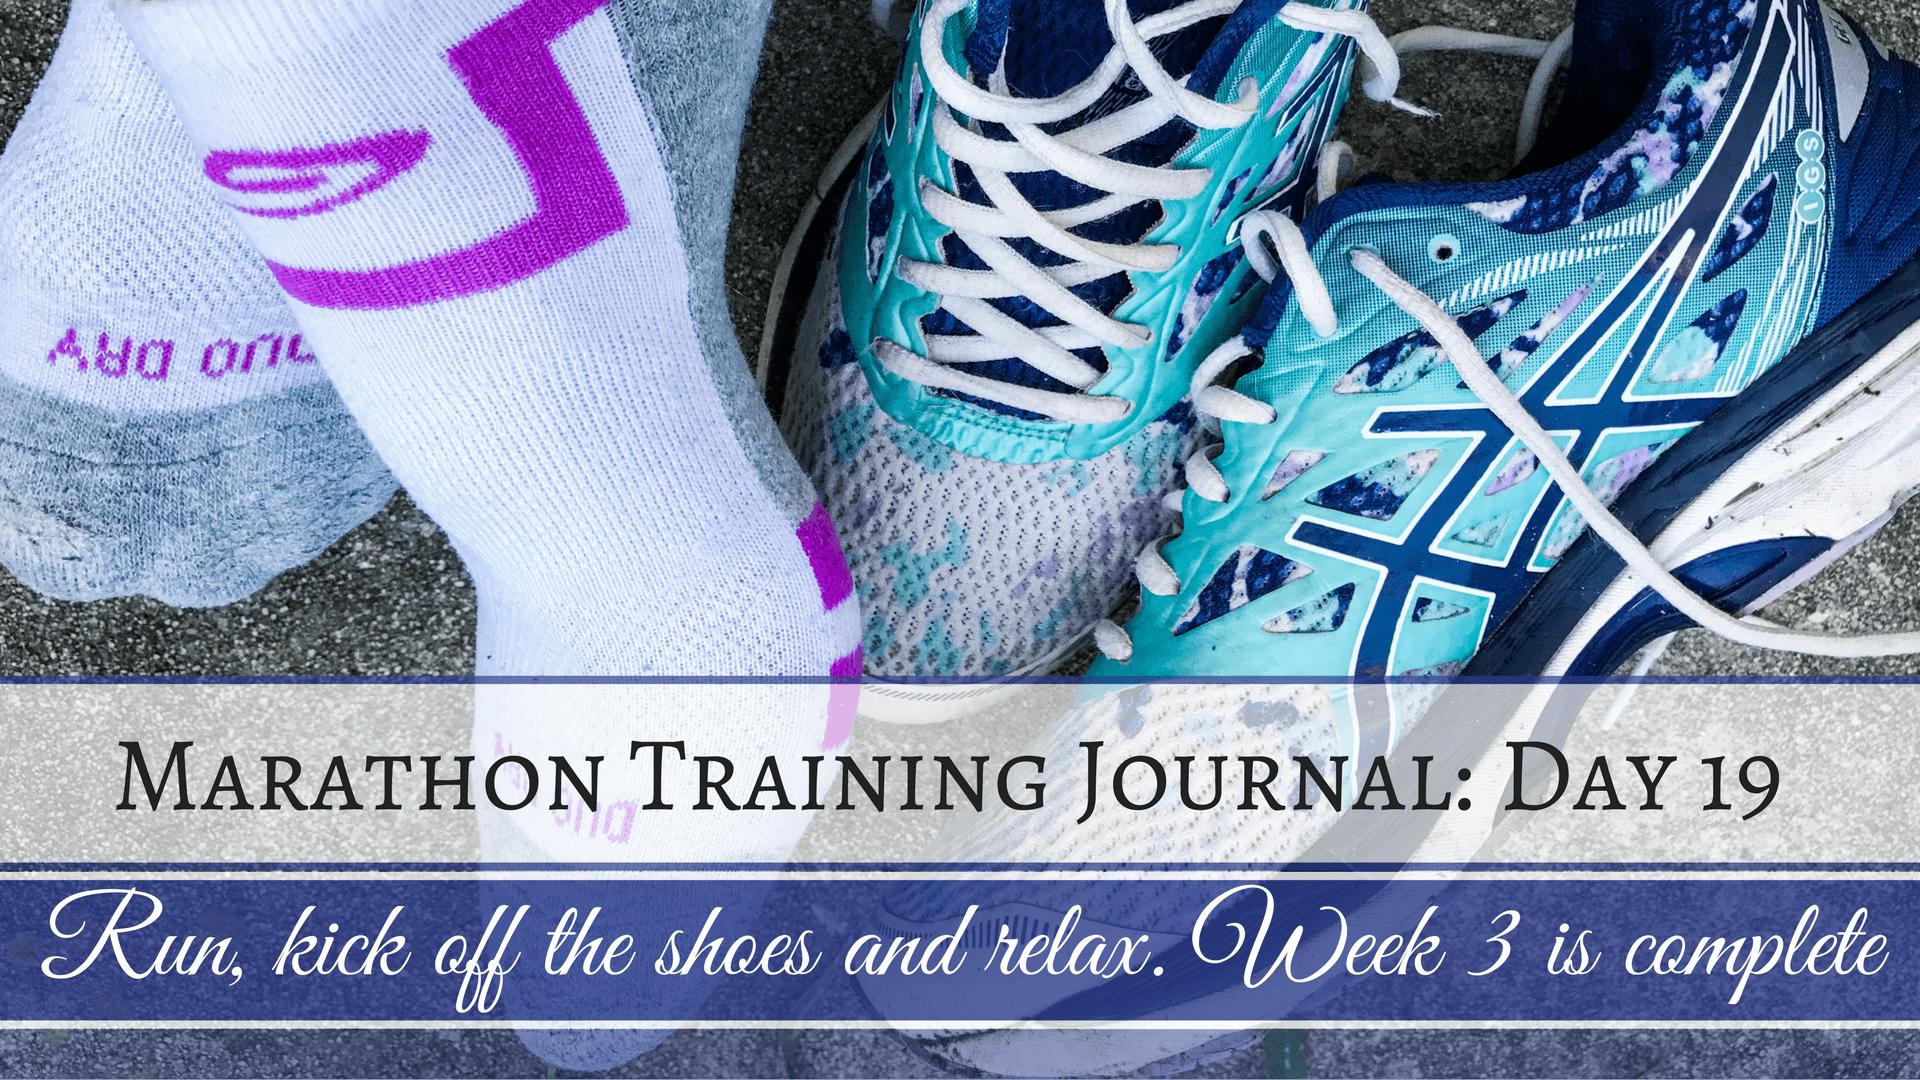 Marathon Training Journal- Day 19